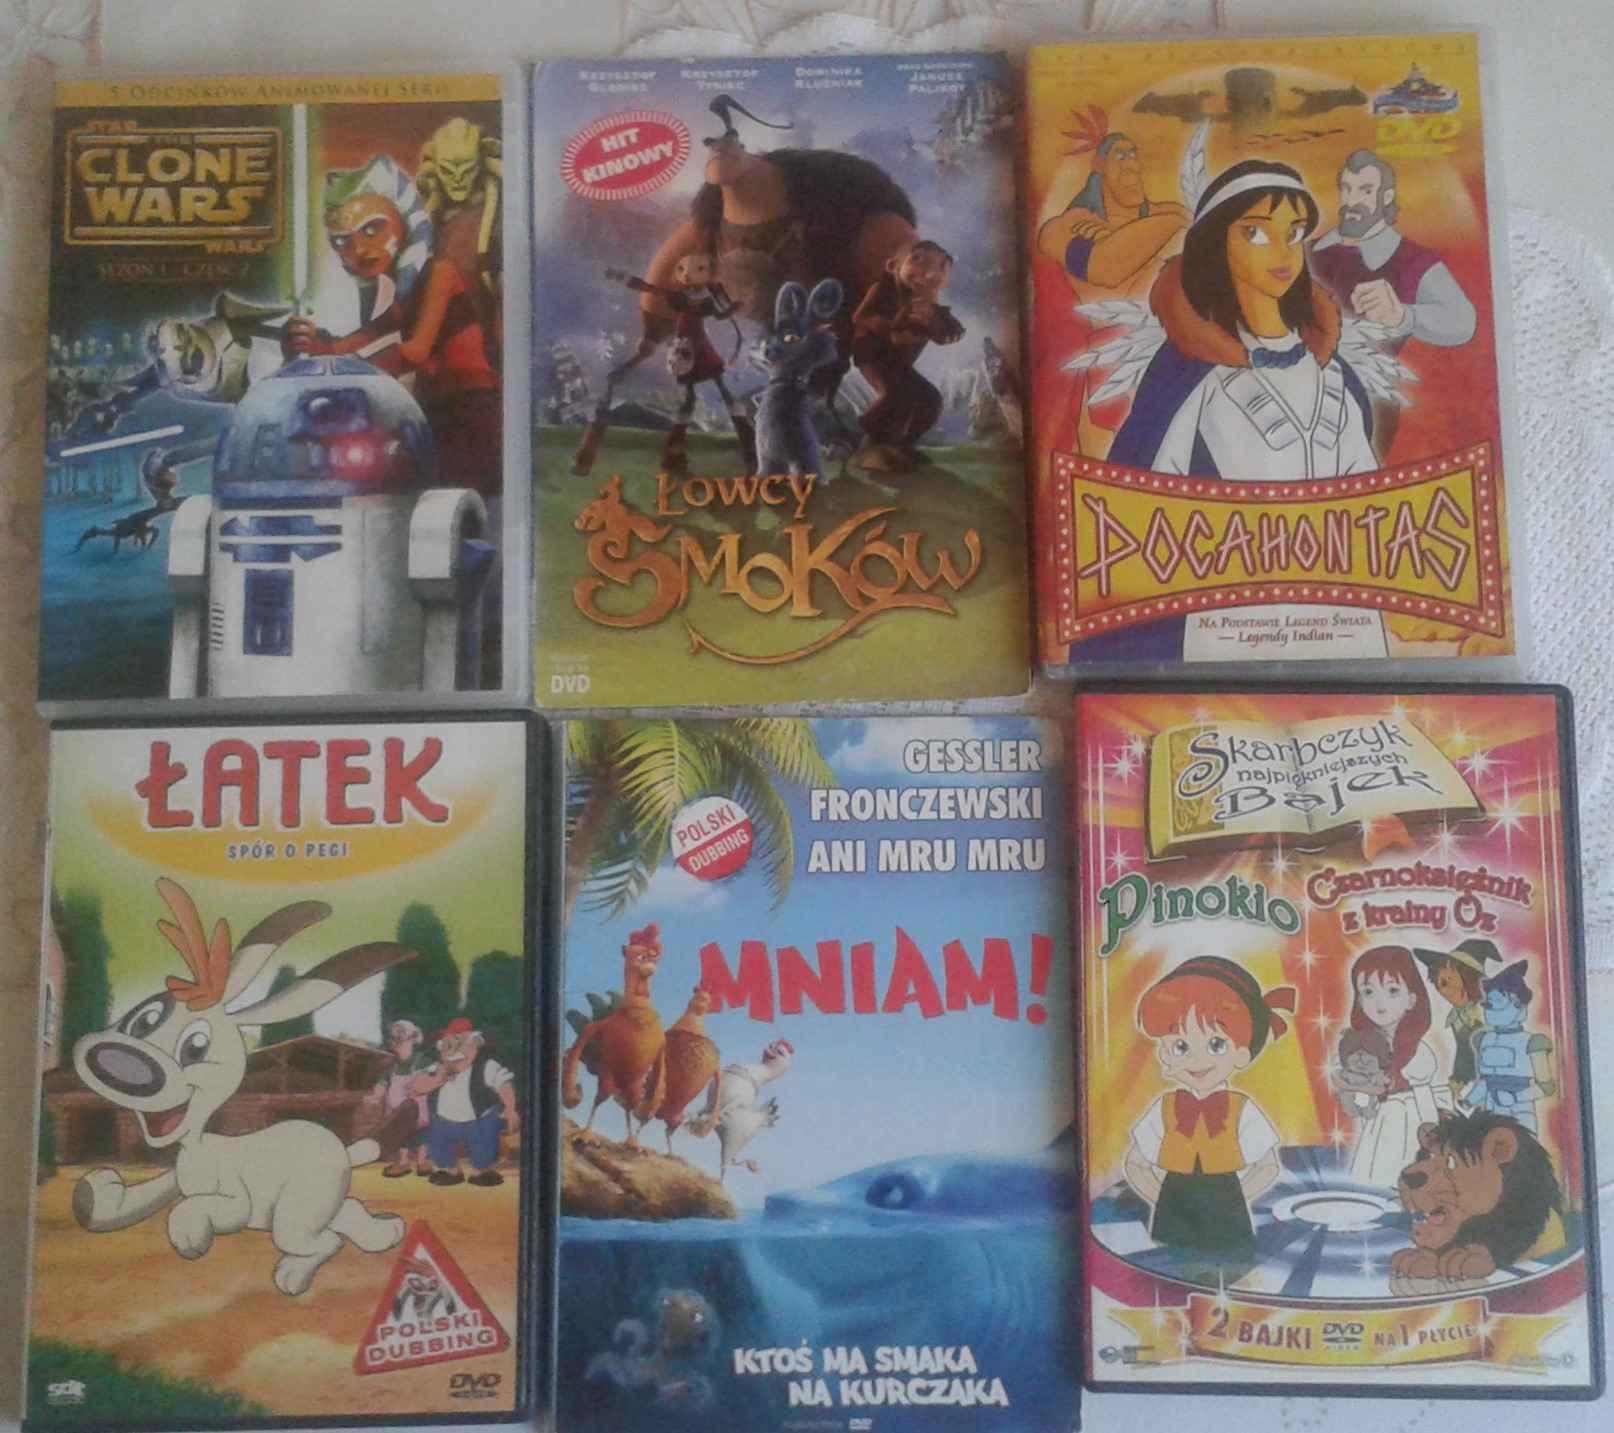 BAJKI BOX 2 Jastrzębie-Zdrój - zdjęcie 10